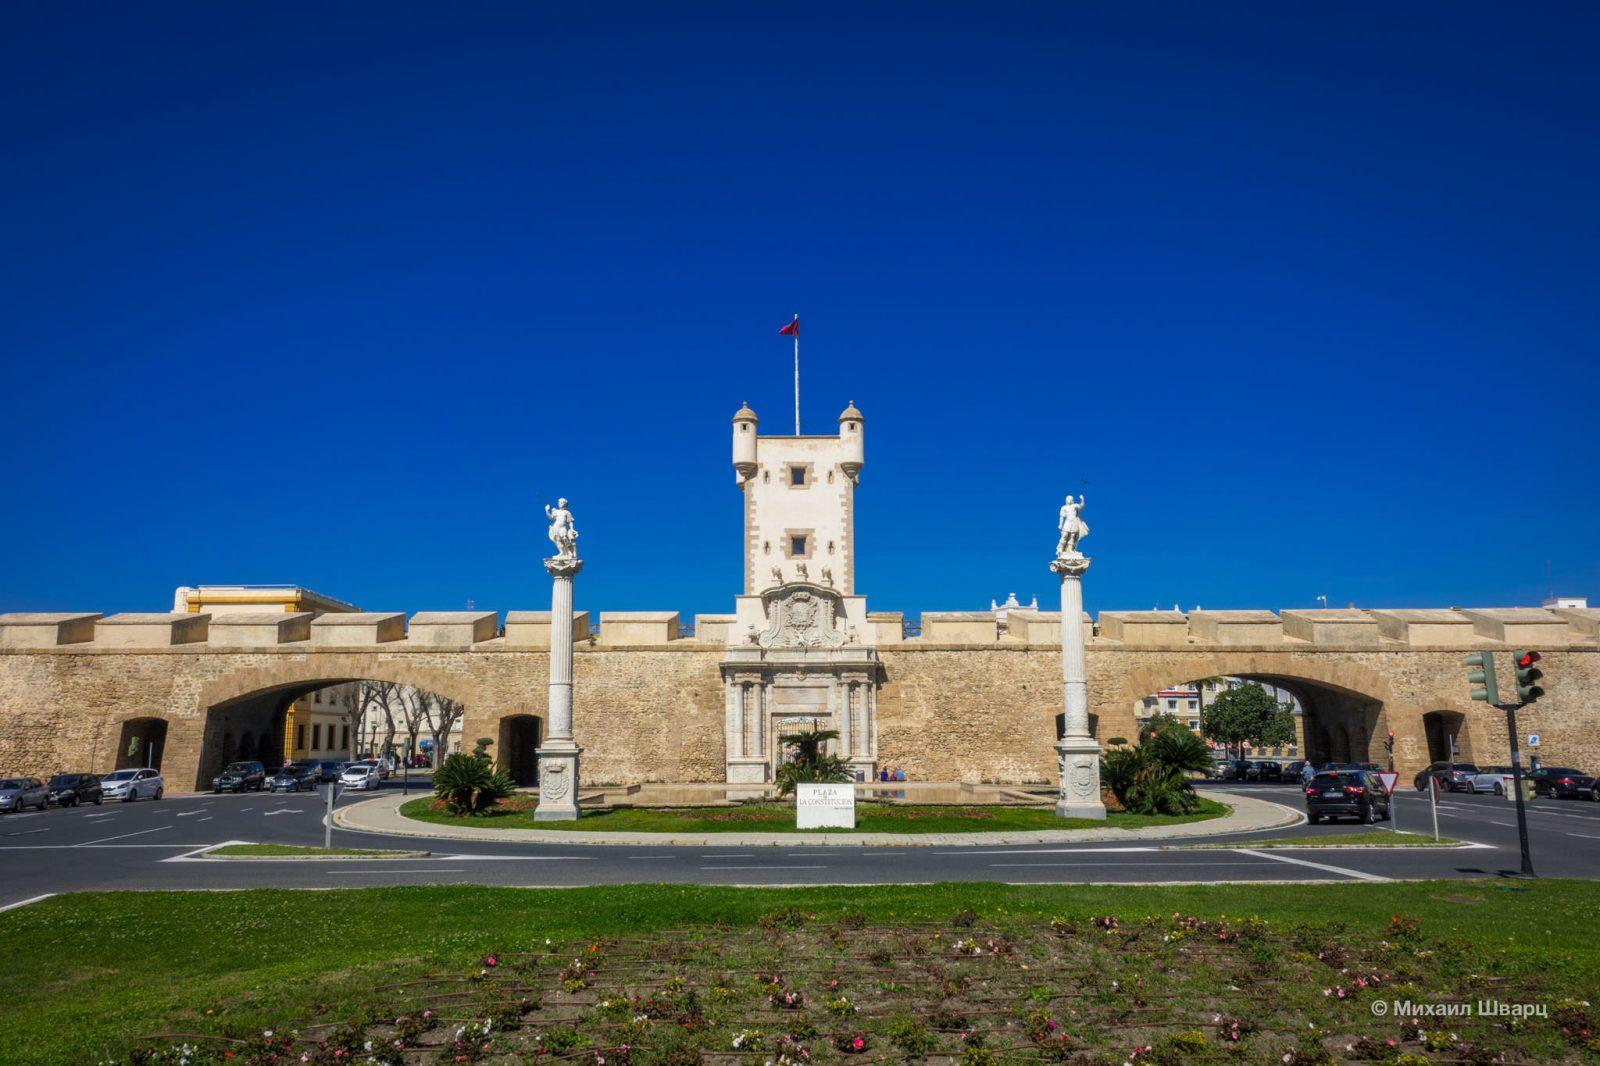 Ворота Земли (Puerta de Tierra)